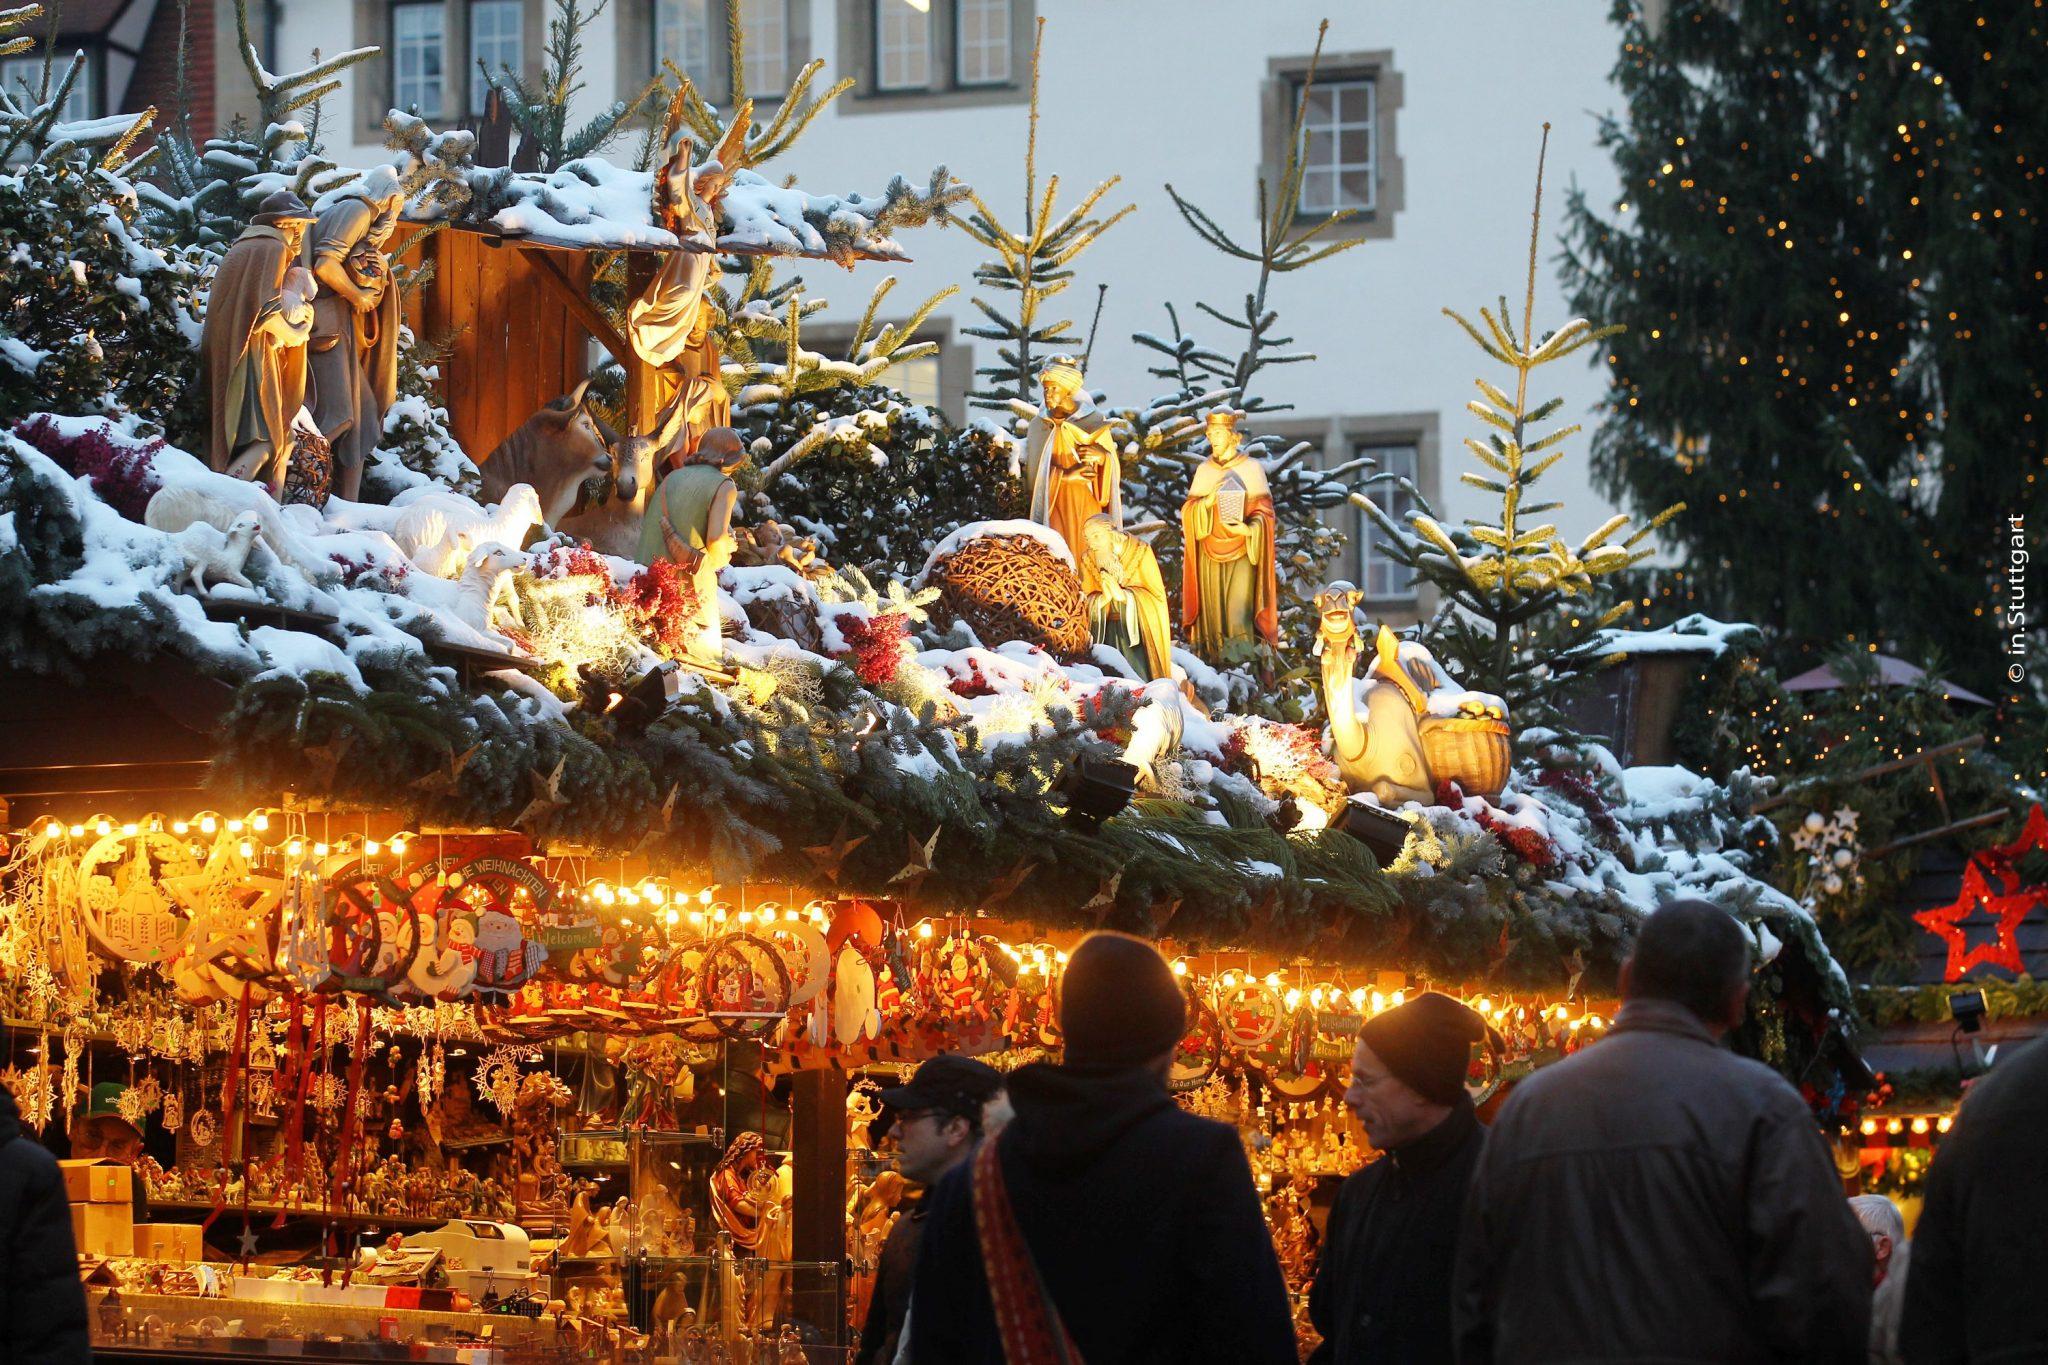 Standdeko auf dem Stuttgarter Weihnachtsmarkt